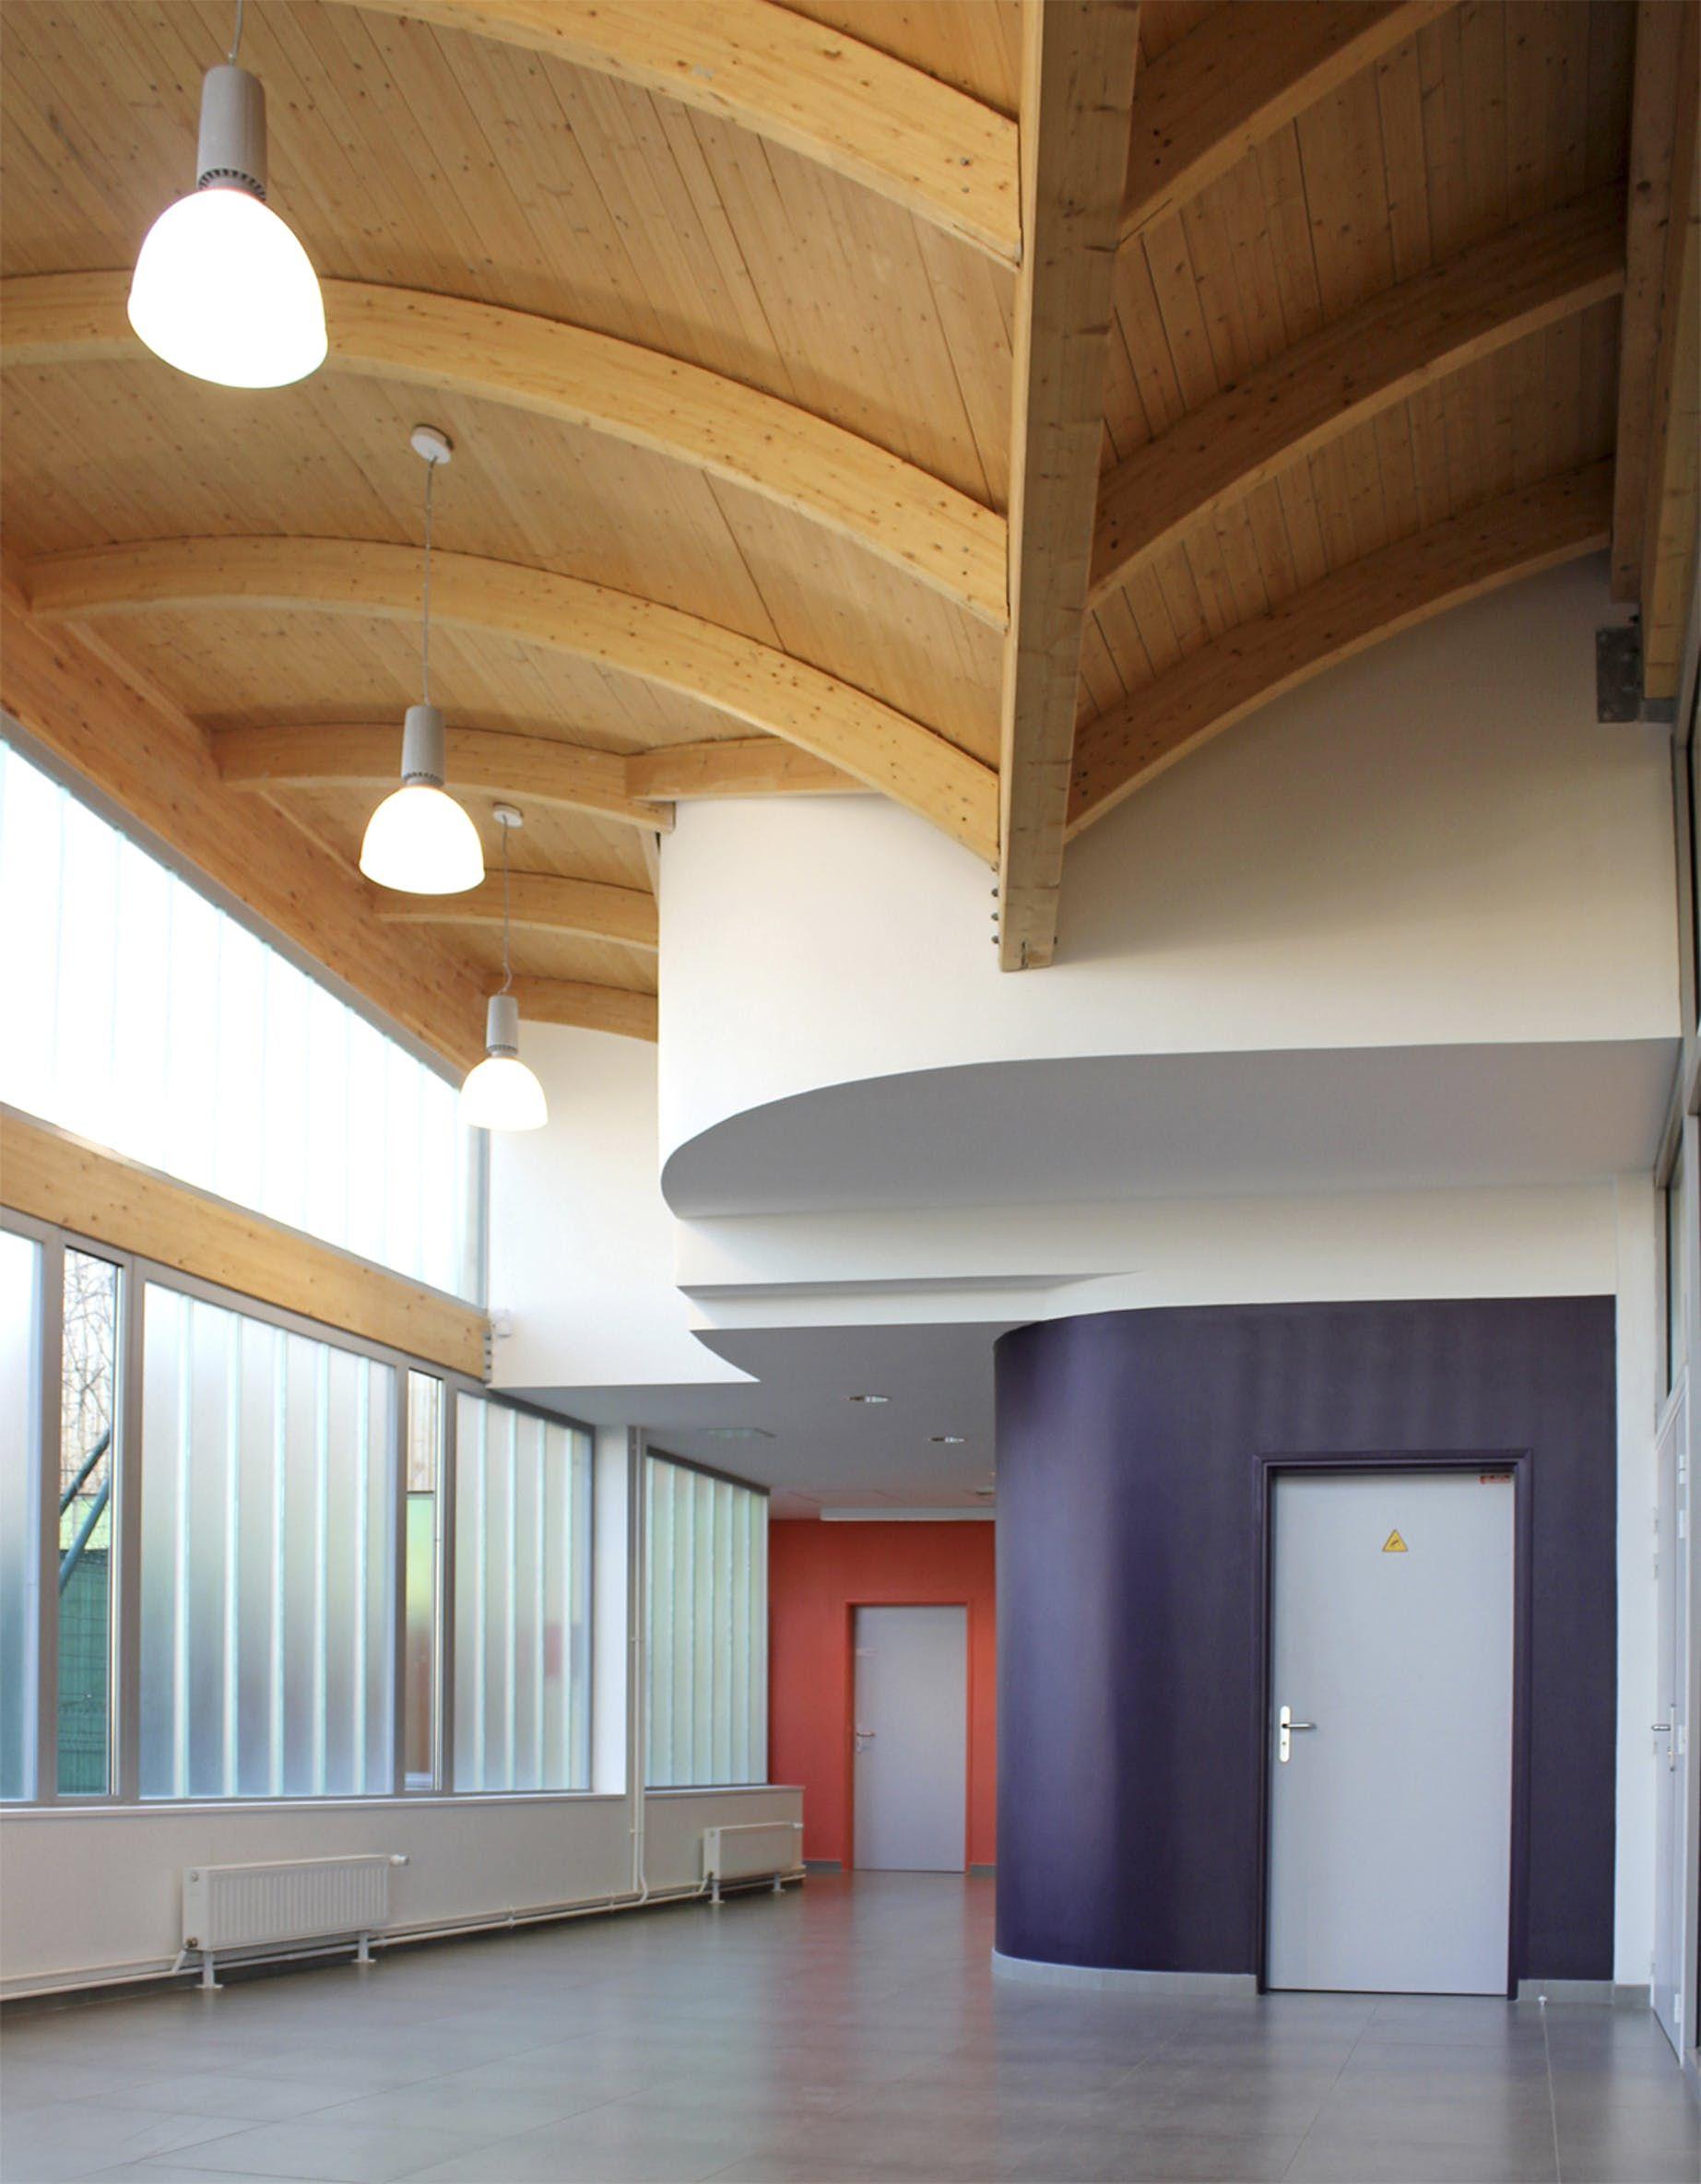 Atelier D Architecture Alexandre Dreyssé gymnasium regis racine situated in drancy north east paris